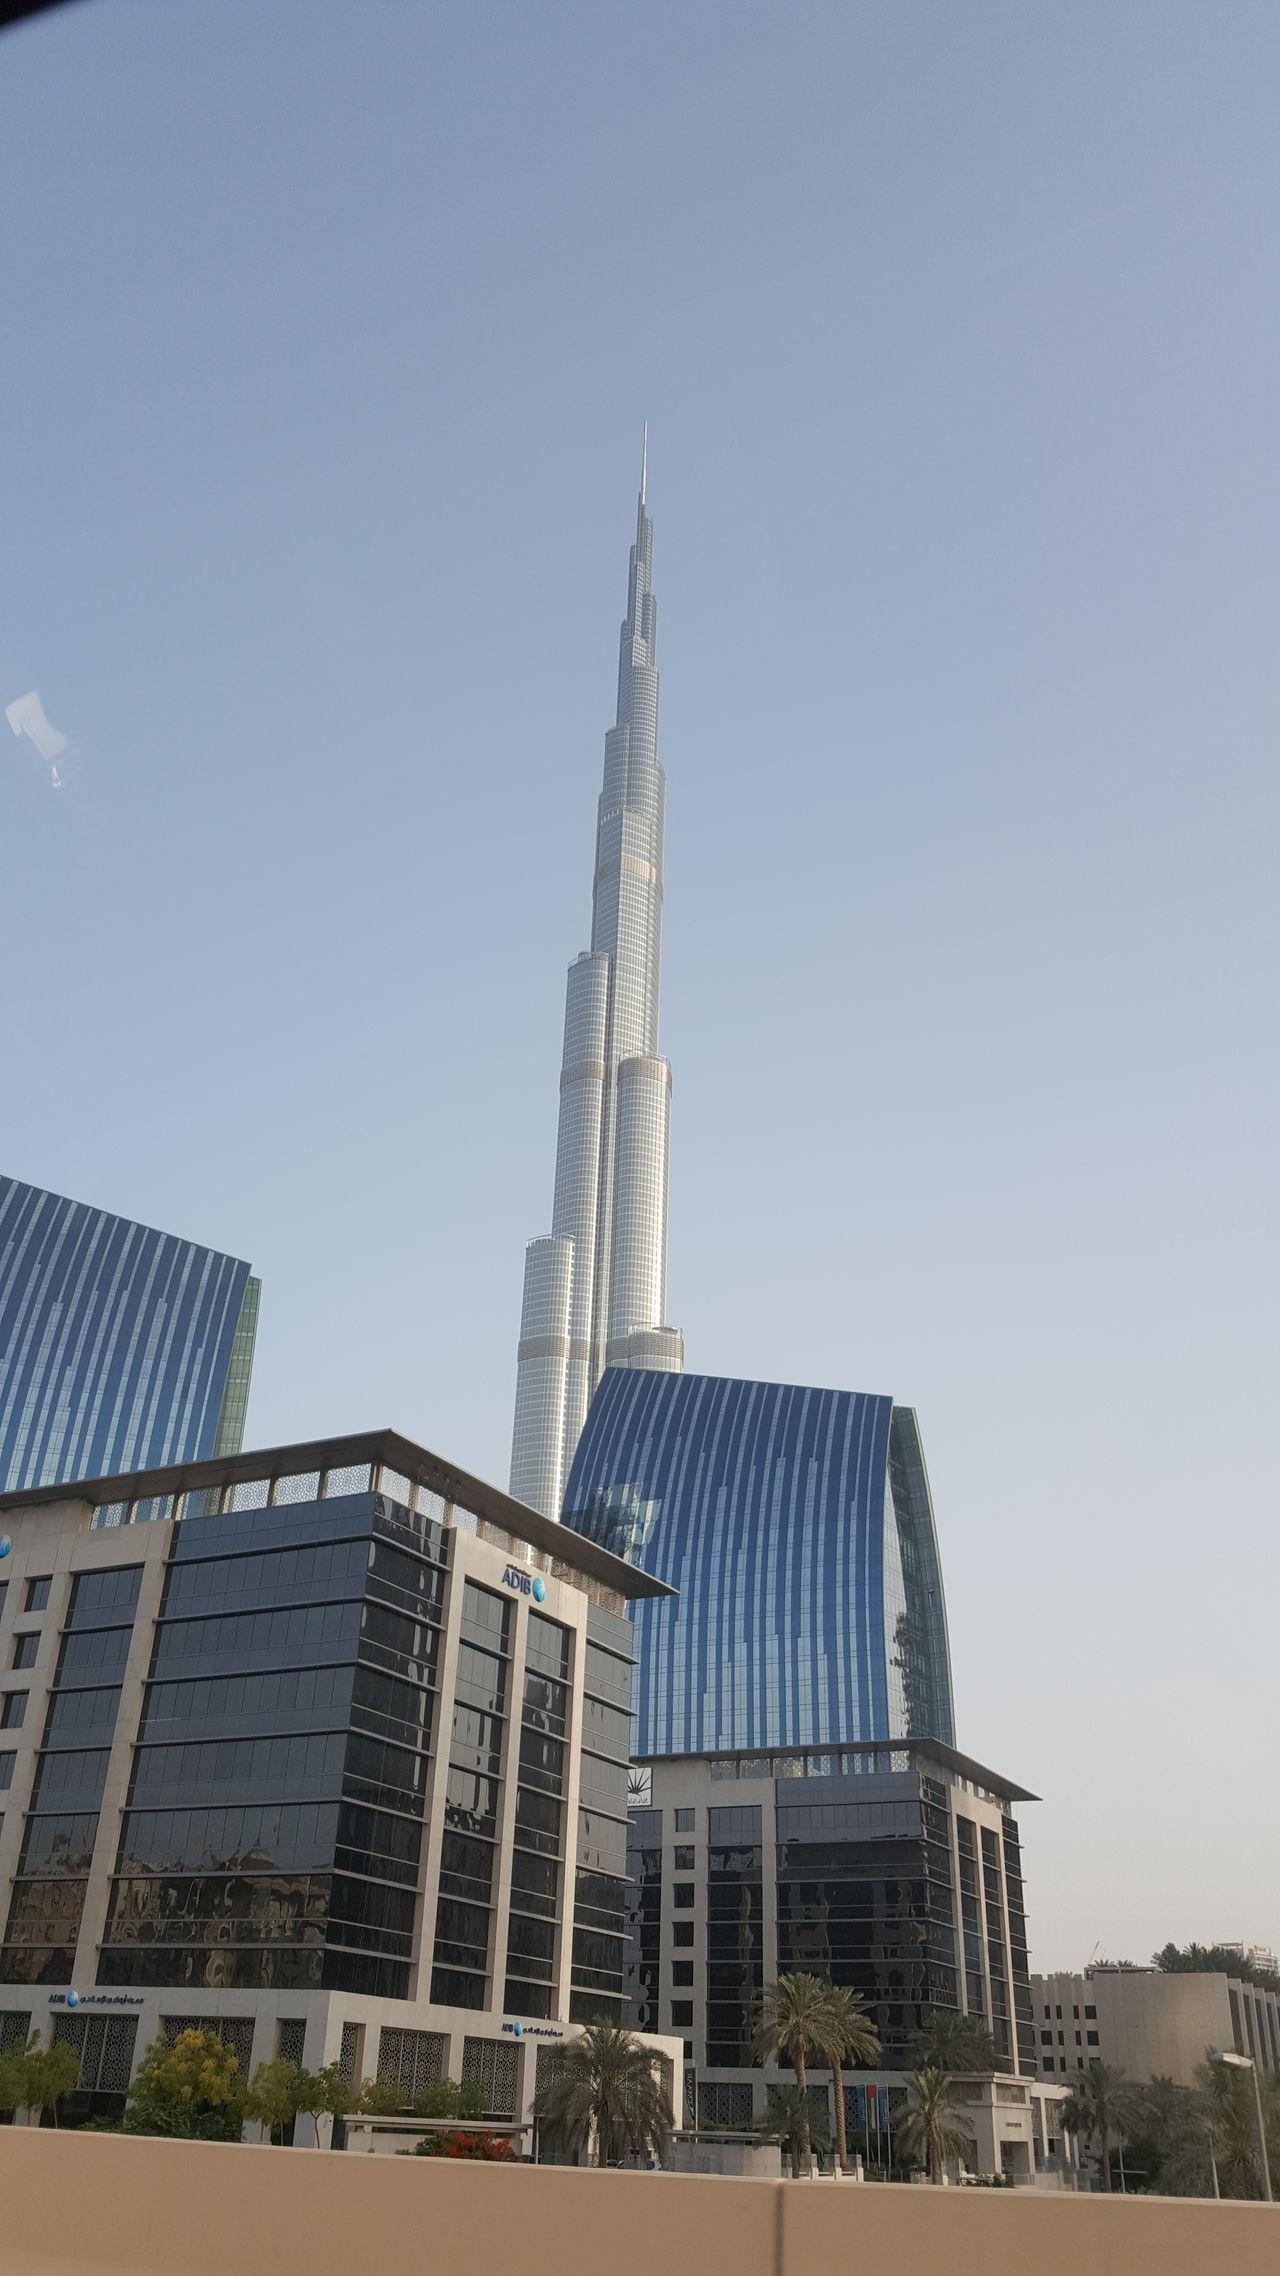 Burj Khalifa, Dubai - UAE Burj Burj Khalifa Burj Khalifa, Dubai Burj Khalifa Burjalkhalifa Burjkalifa Burjkhaleefa ,downtown Dubai. Burjkhalifa Dubai Dubai Burj Khalifa Dubaicity Dubai❤ Sky Sky And Clouds Skyline Skyscraper Skyscraper Construction Skyscrapers Skyscrapper Skyscrappers UAE Uae #dubai #sharjah #ajman #rak #fujairah #alain #abudhabi #ummalquwain #instagood #instamood #instalike #mydubai #myuae #dubaigems #emirates #dxb #myabudhabi #shj #insharjah #qatar Oman Bahrain Kuwait Ksa [ UAE , Dubai Uaetag Unite Arab Emirate